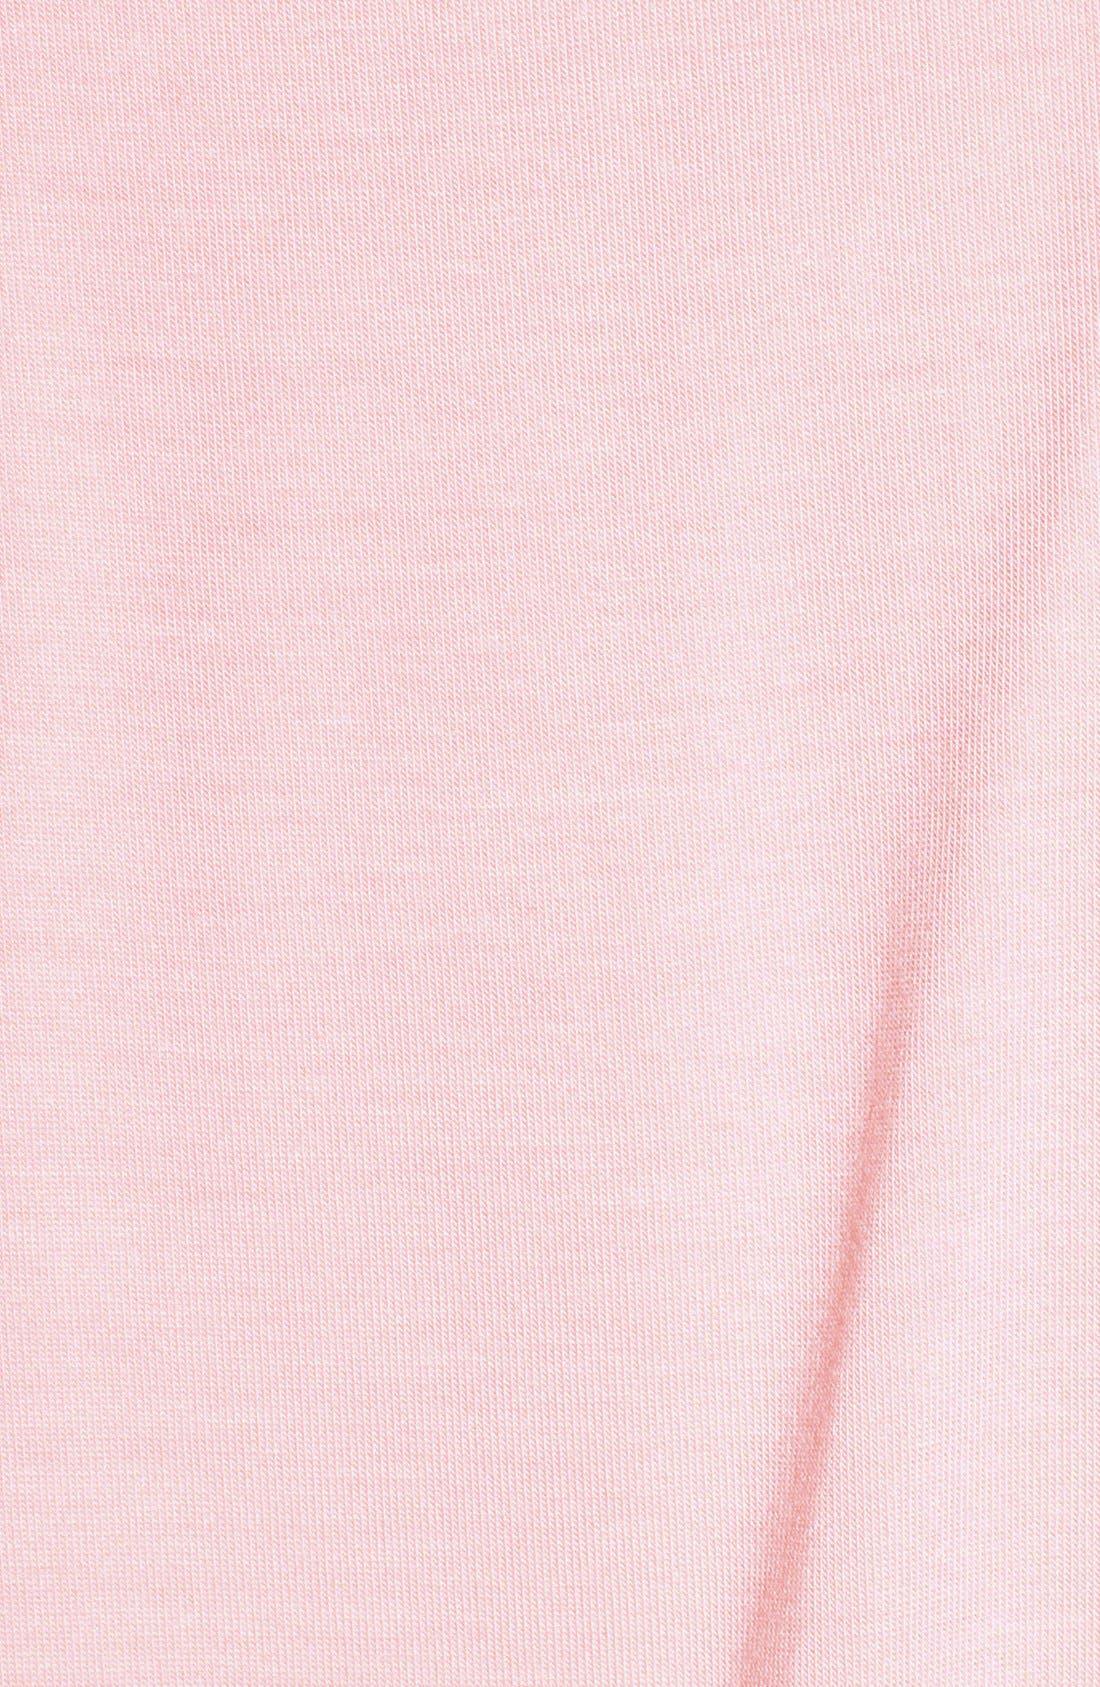 Alternate Image 3  - Wildfox Ruffle Lace Trim Romper